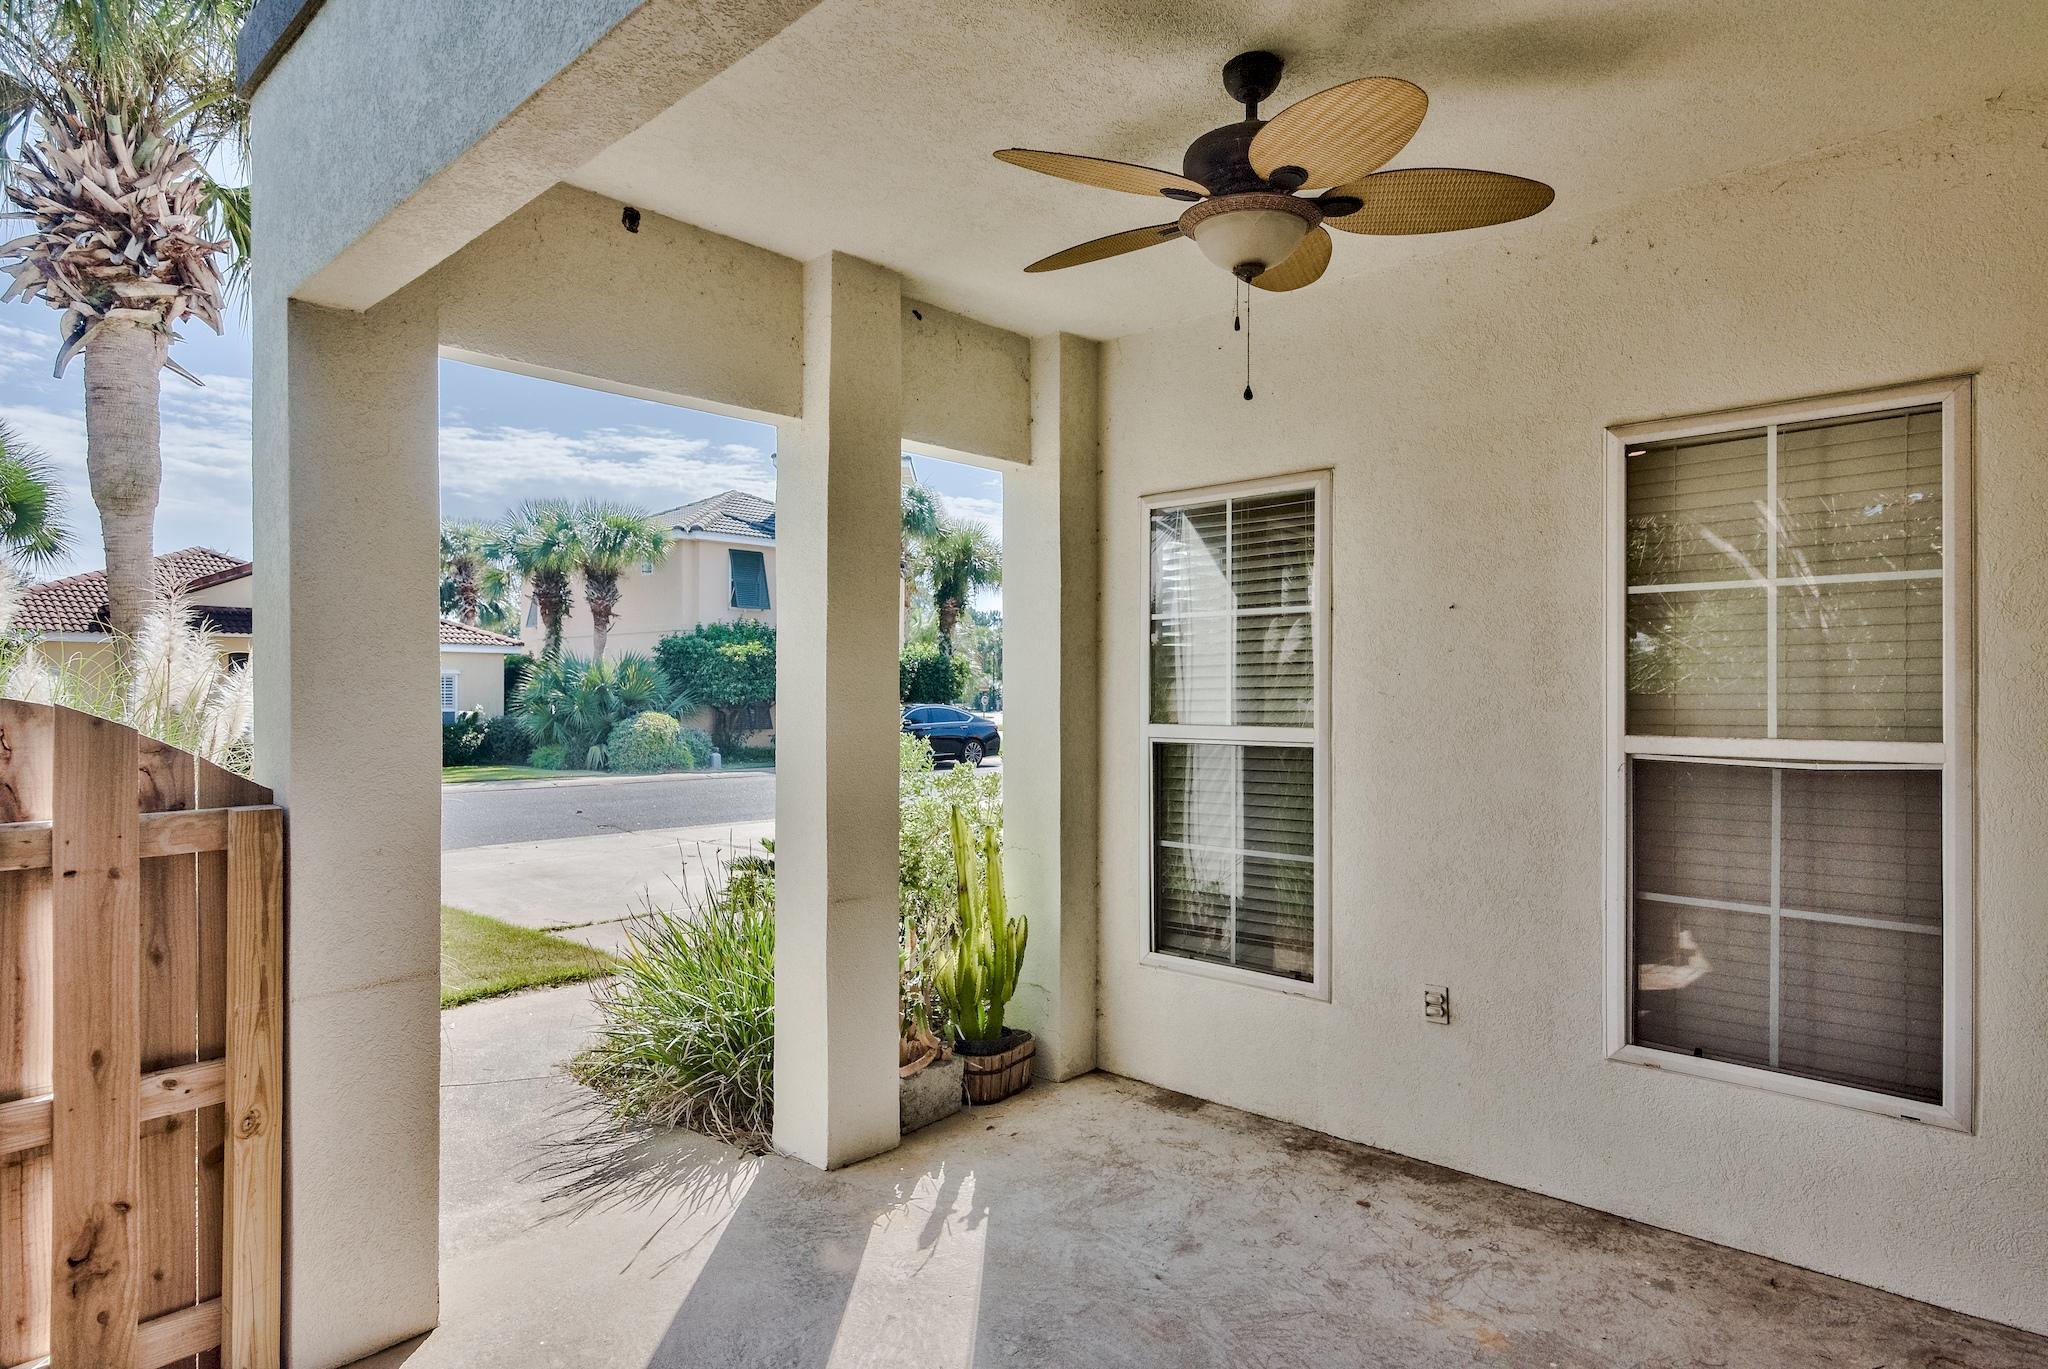 Photo of home for sale at 4793 Trovare, Destin FL